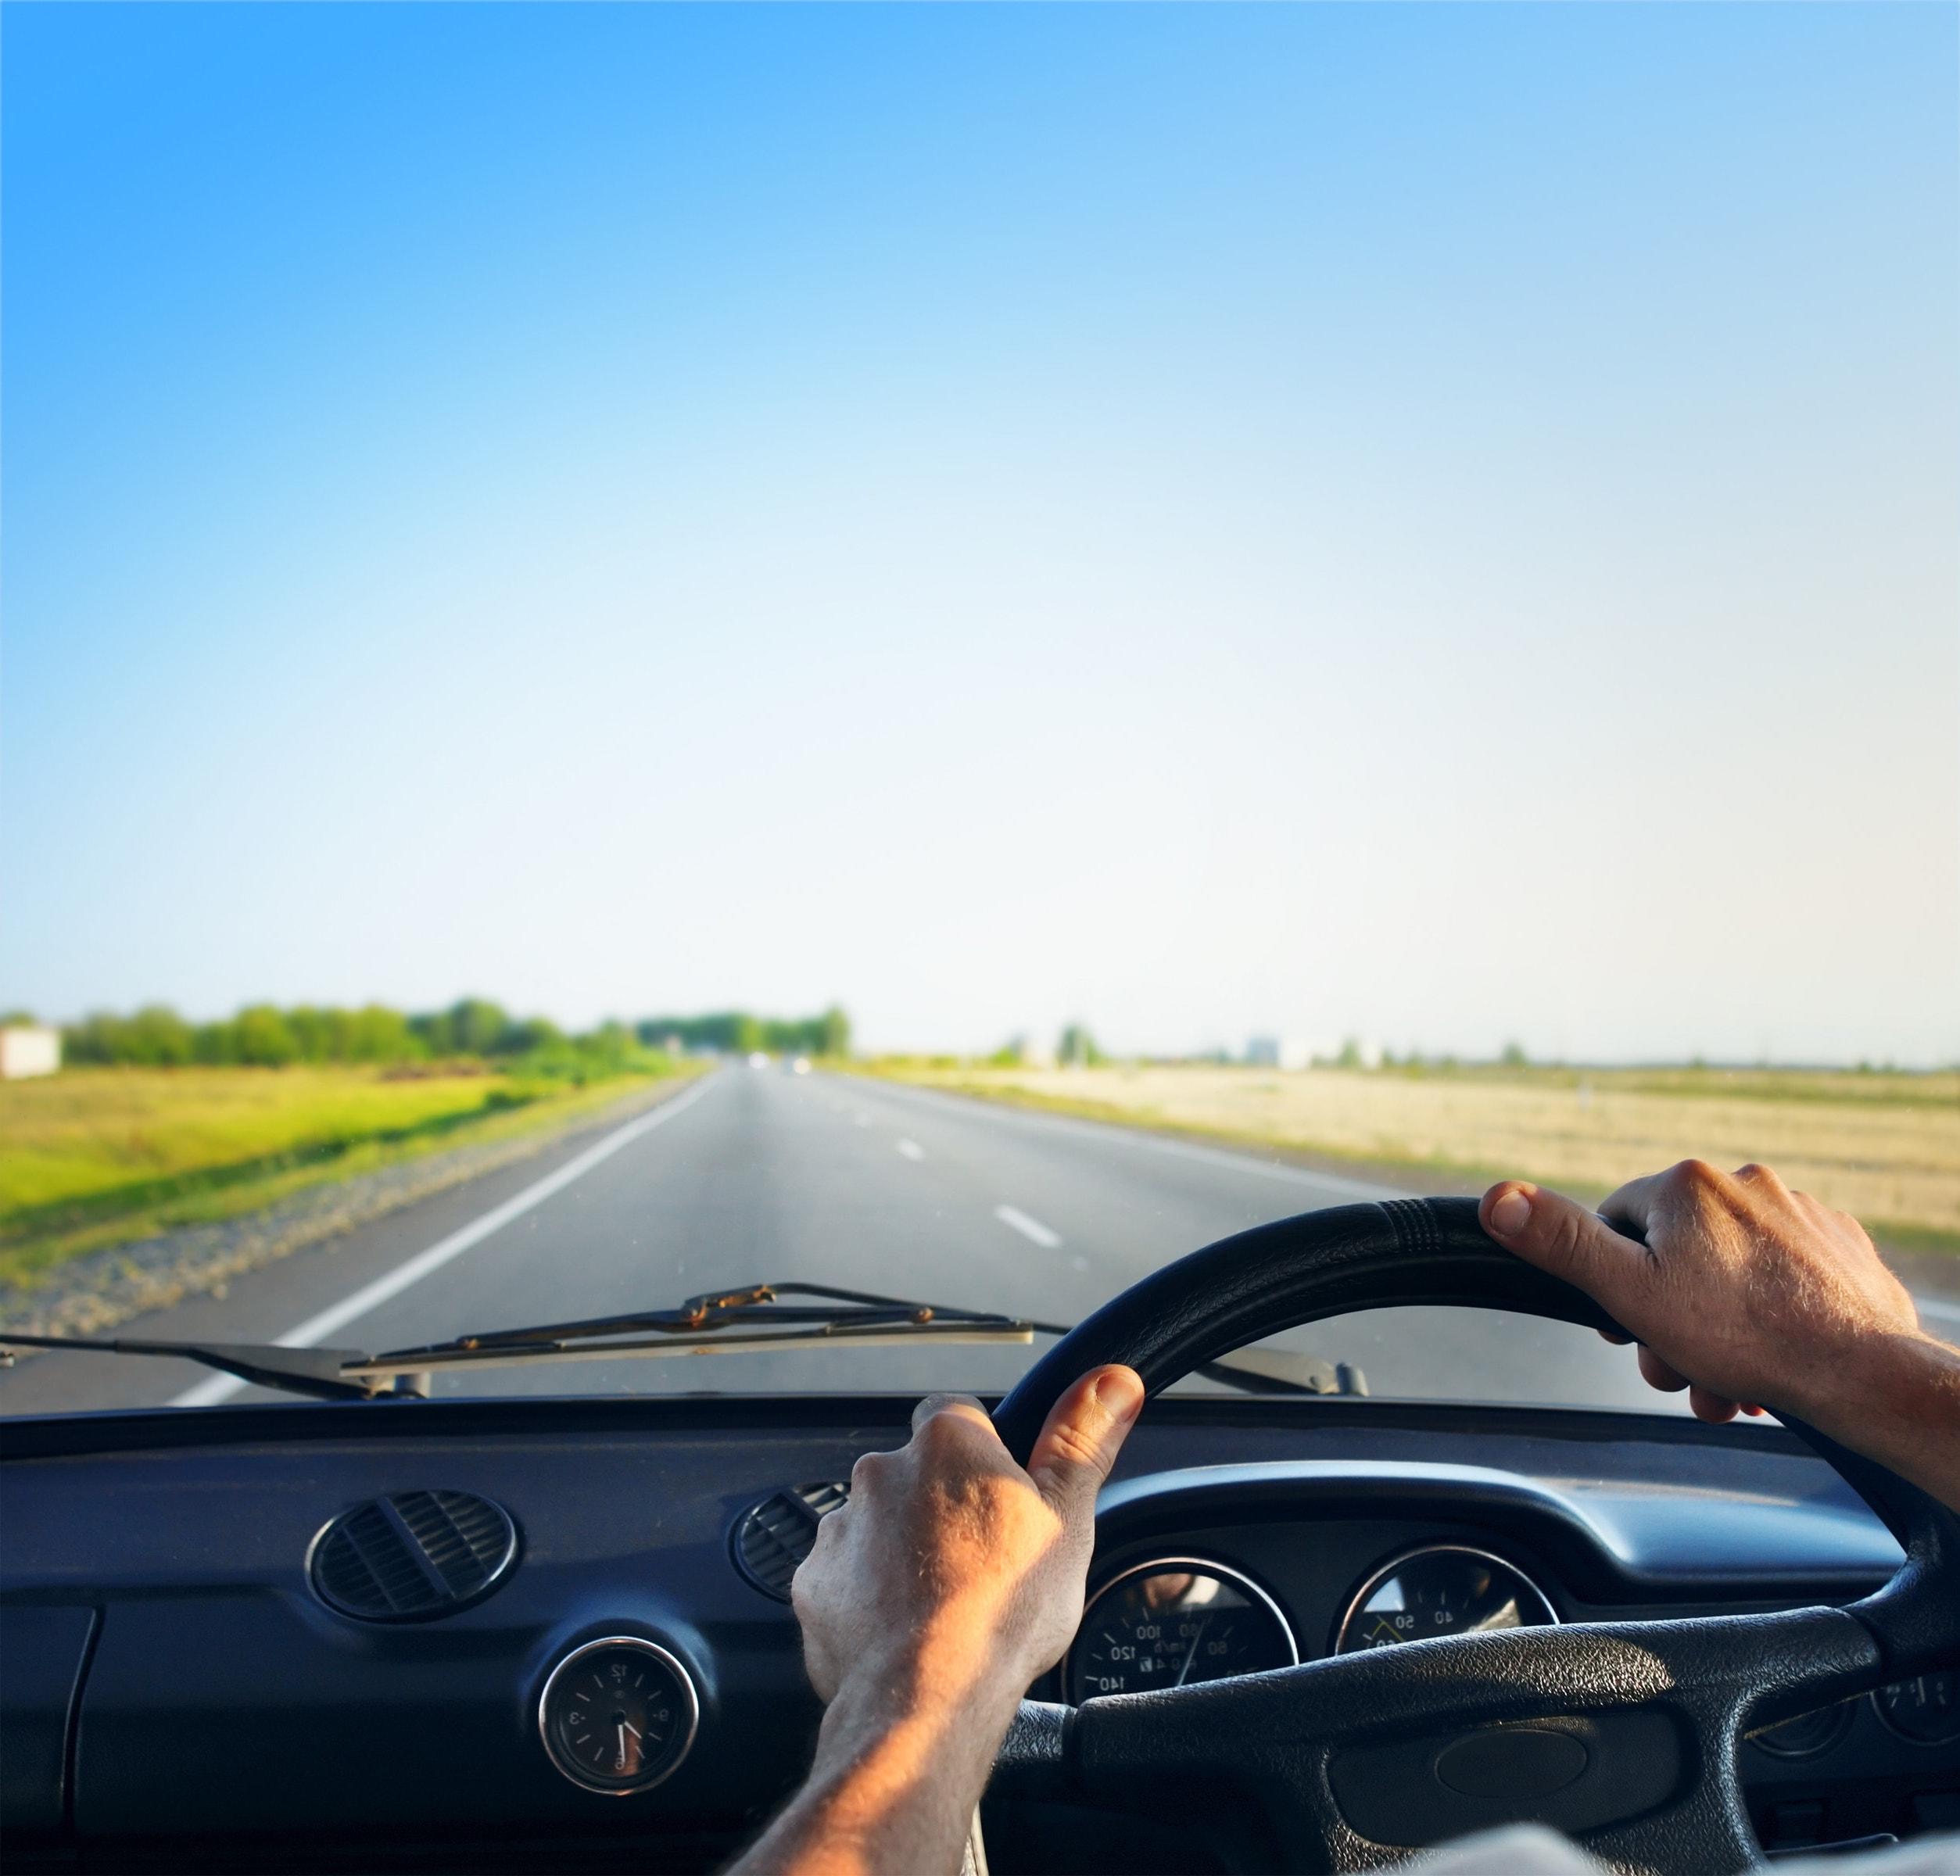 「レガシィ」の中古車を自社ローンで購入した方の車両価格相場と口コミ(体験談)